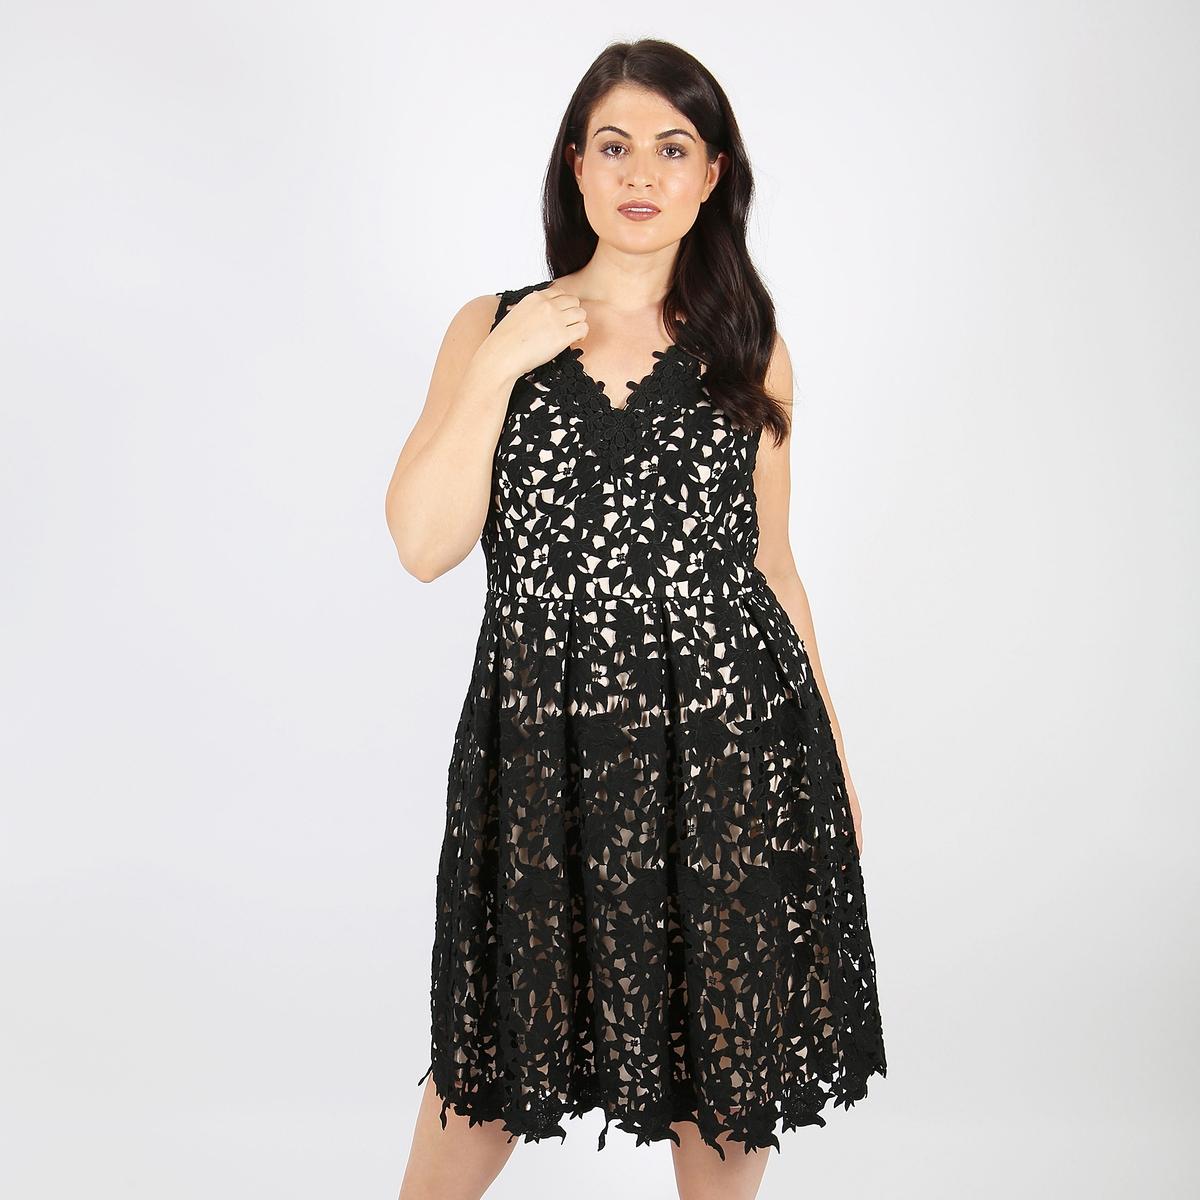 Платье расклешенное однотонное средней длины, без рукавов 2017new fashion natural color waterproof silicone bracelet rubber strap watchcase for ga 100 ga 300 ga 110 ga 120 g 8900